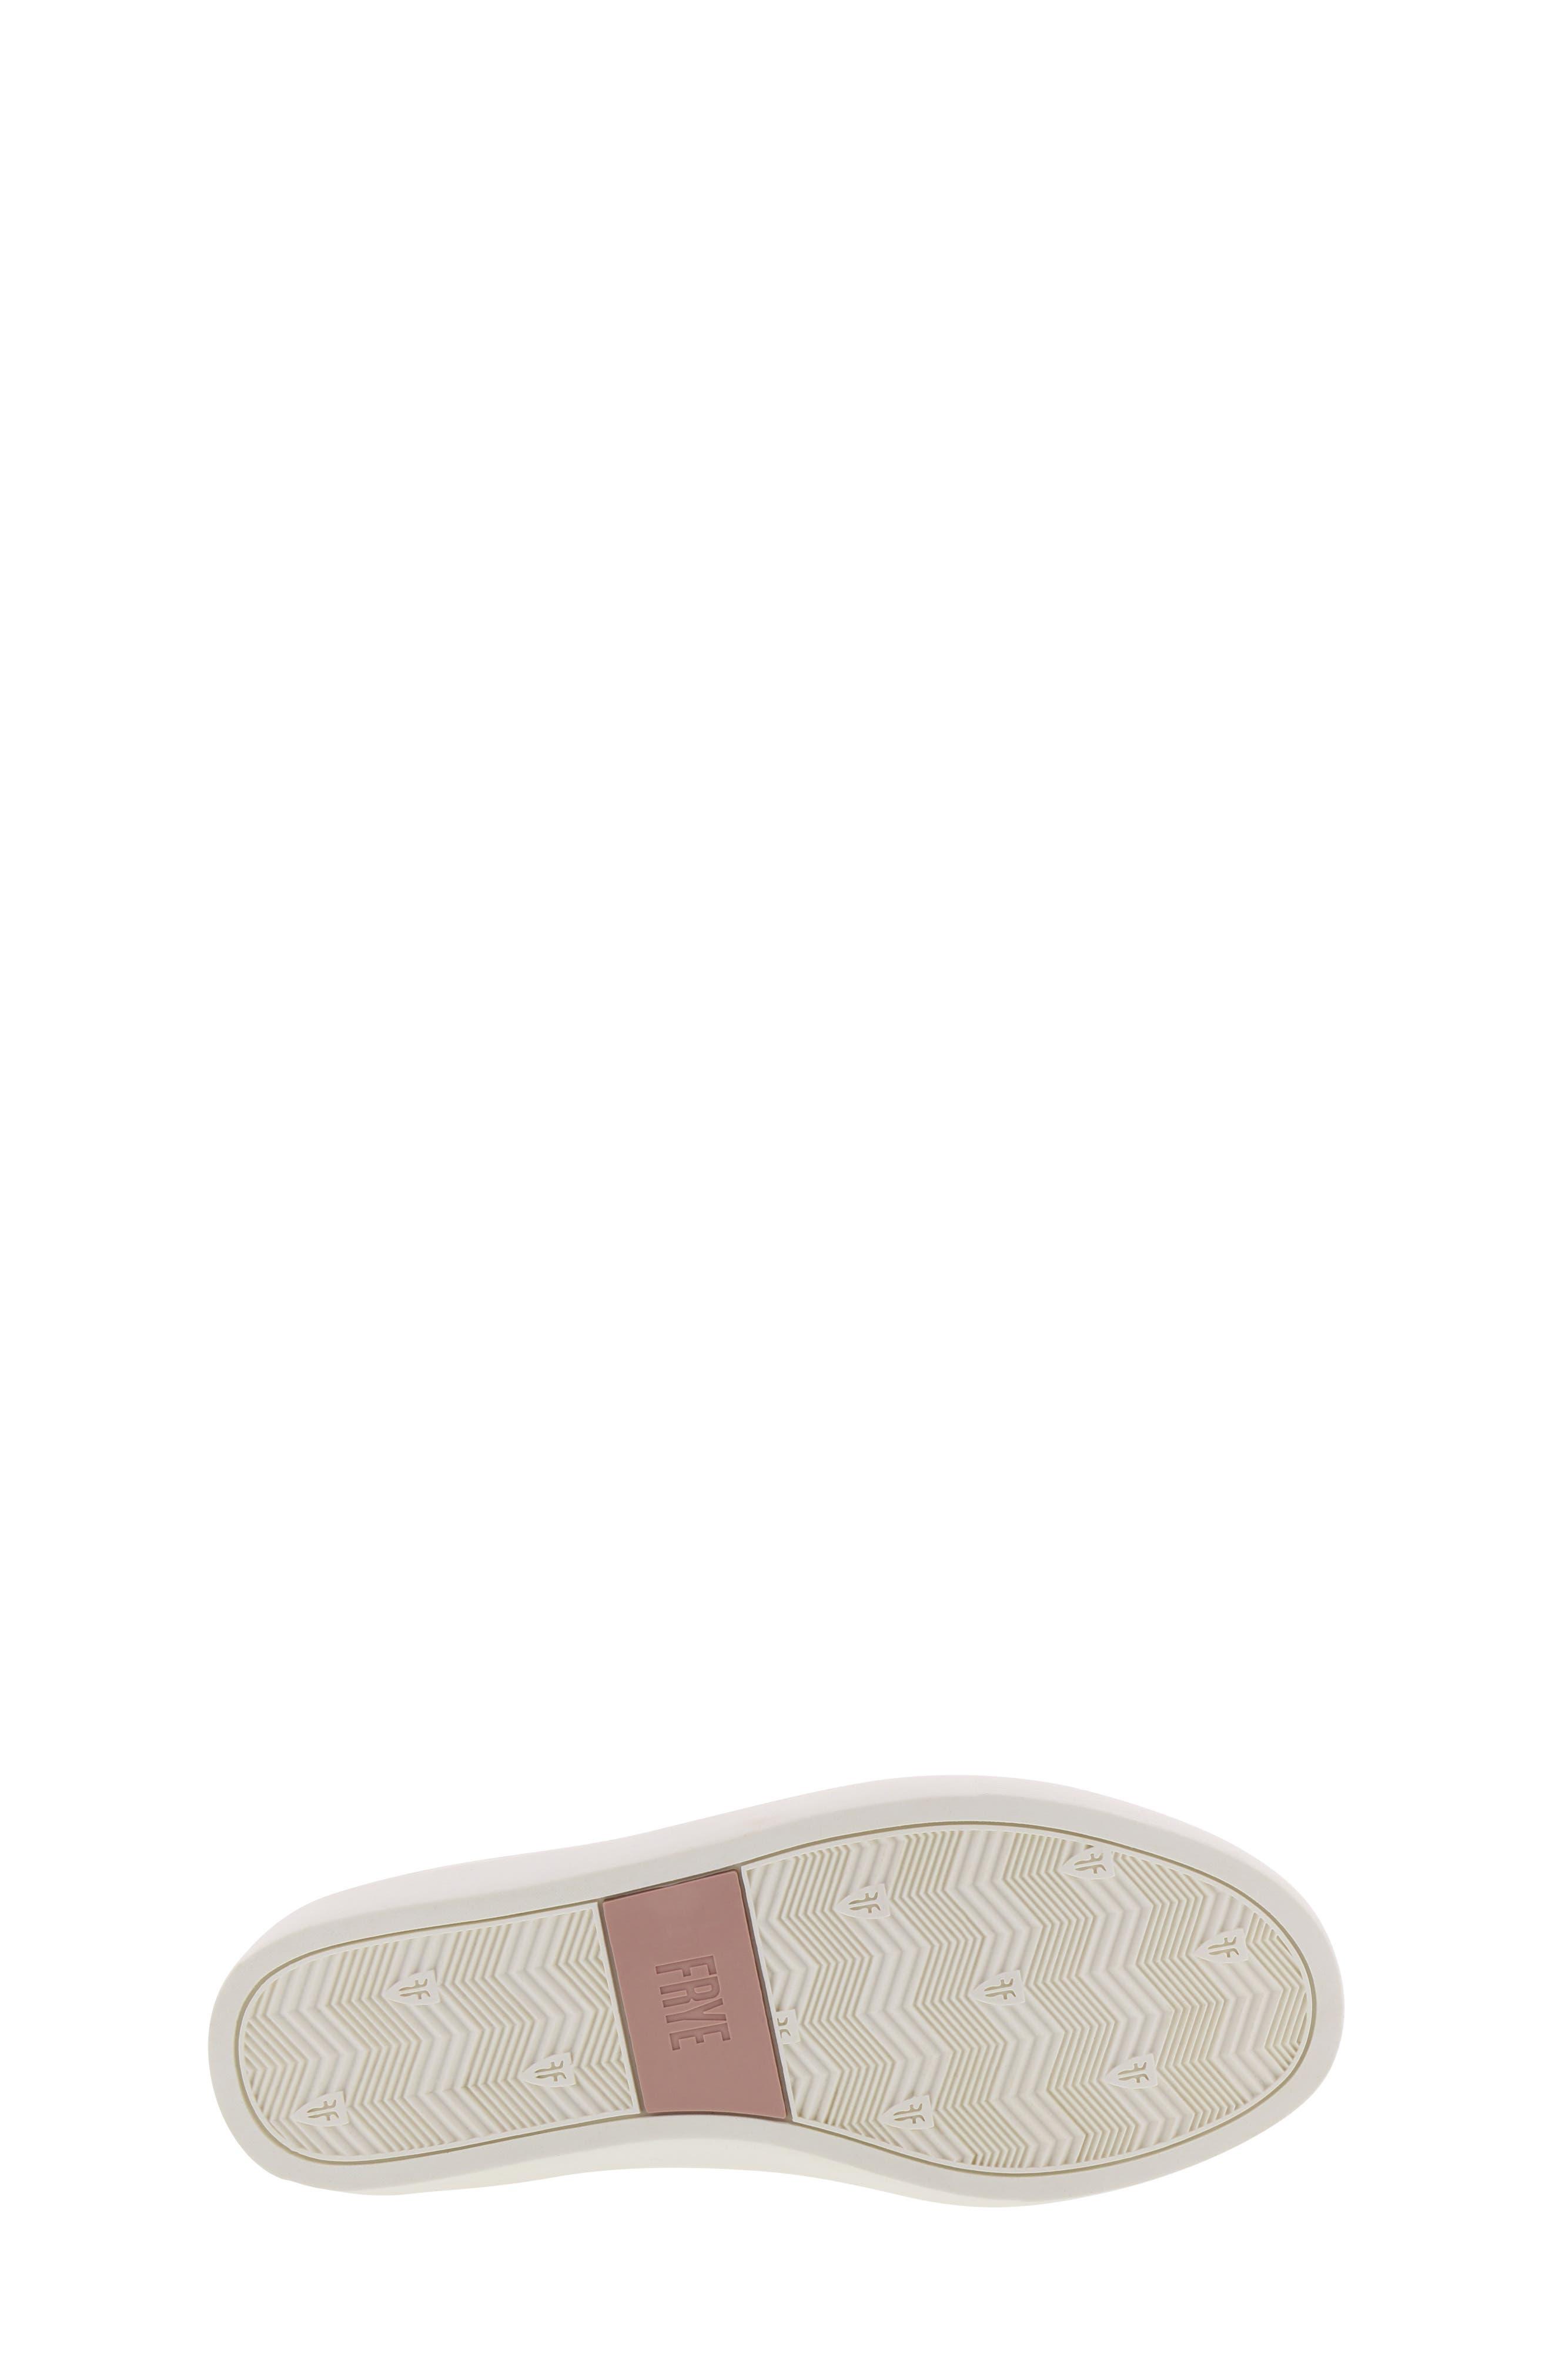 FRYE, Lena Studded Sneaker, Alternate thumbnail 6, color, 686